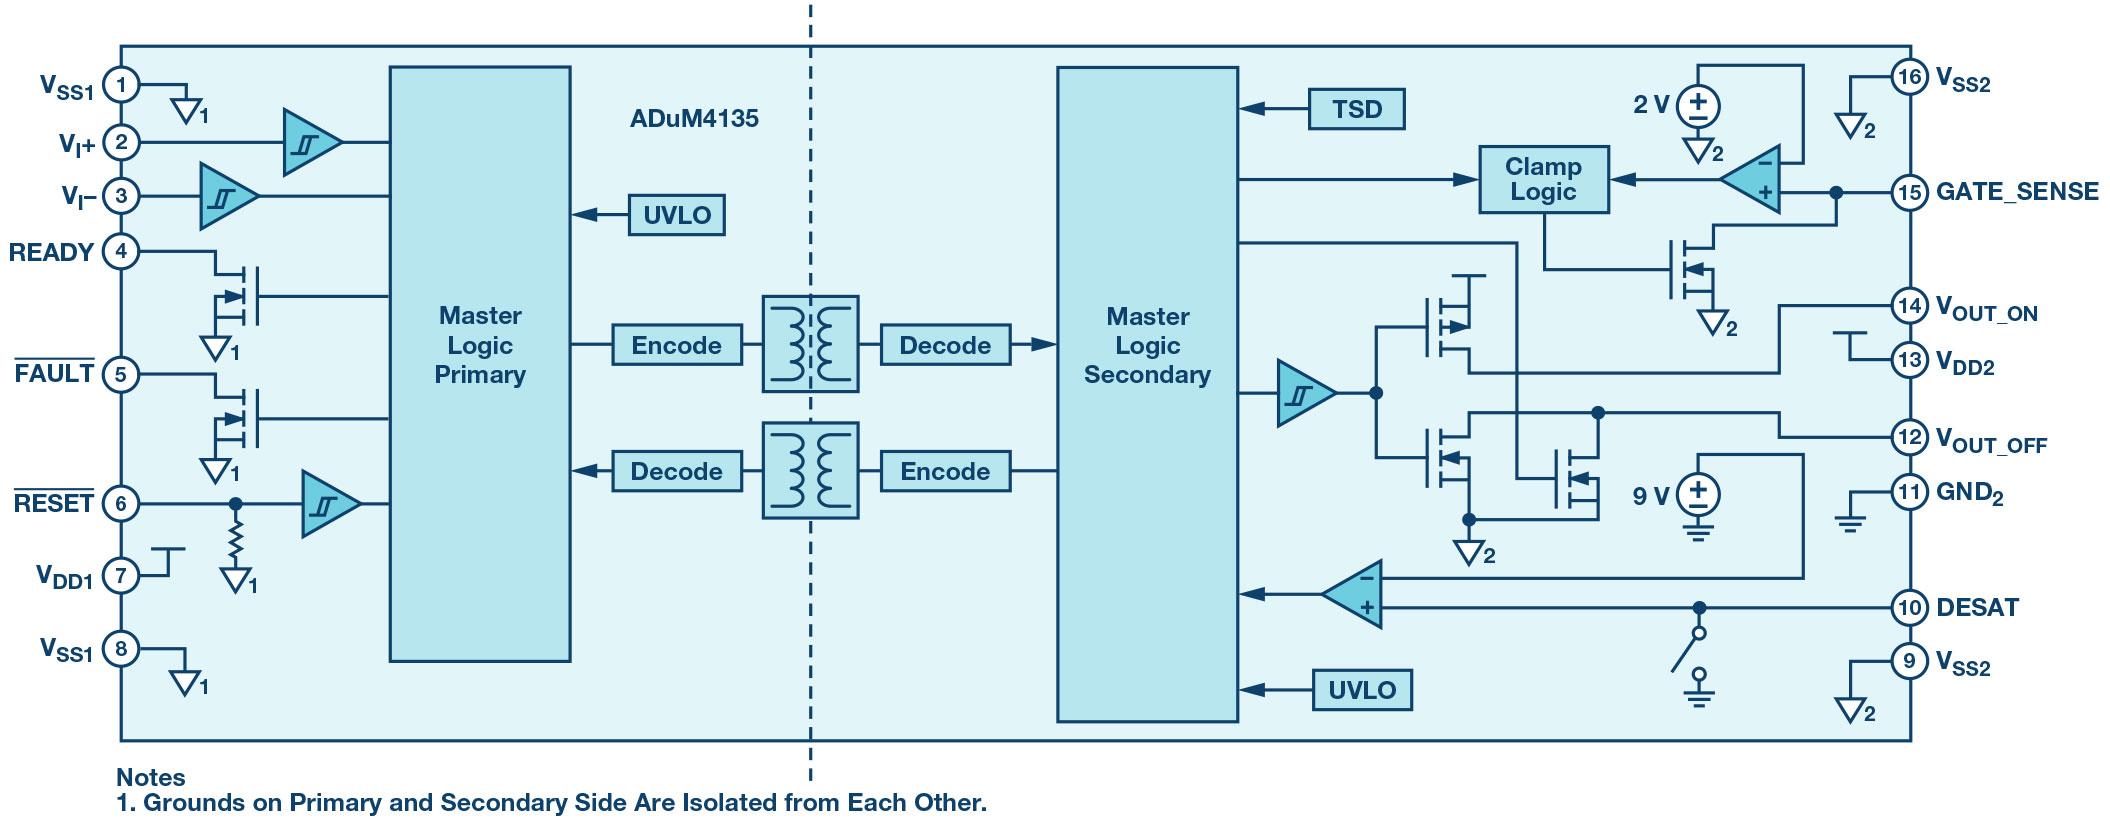 adum4135 block diagram [ 2110 x 820 Pixel ]